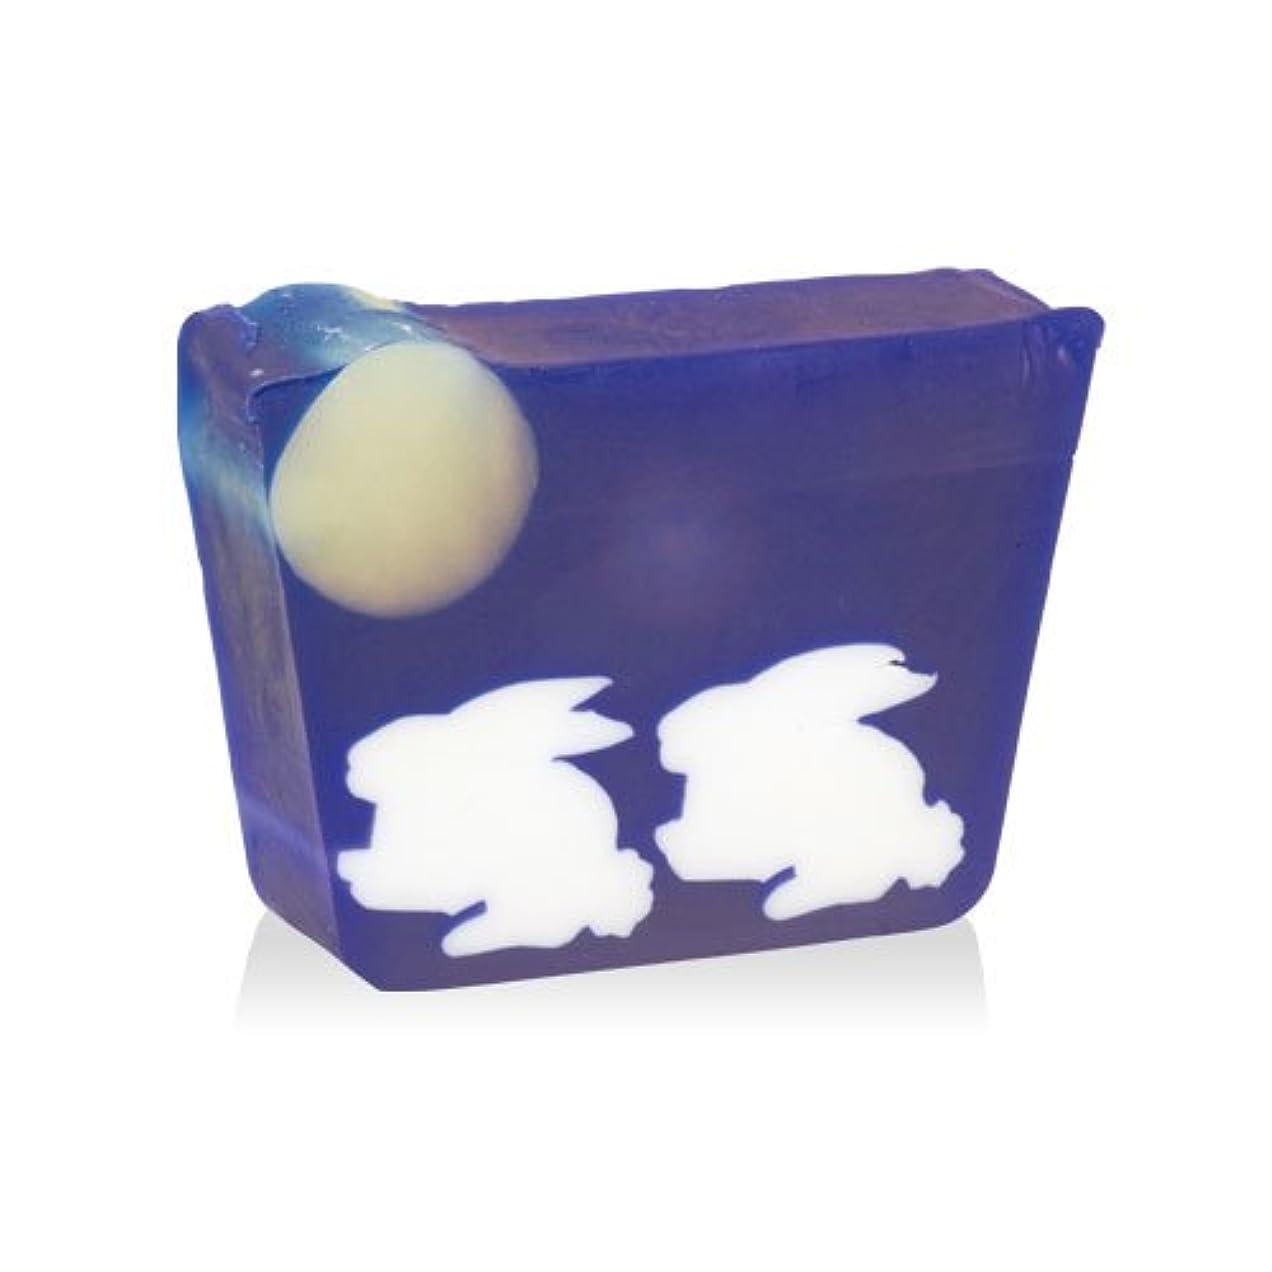 シャイ工業化する剪断プライモールエレメンツ アロマティック ミニソープ 月とうさぎ 80g 植物性 ナチュラル 石鹸 無添加